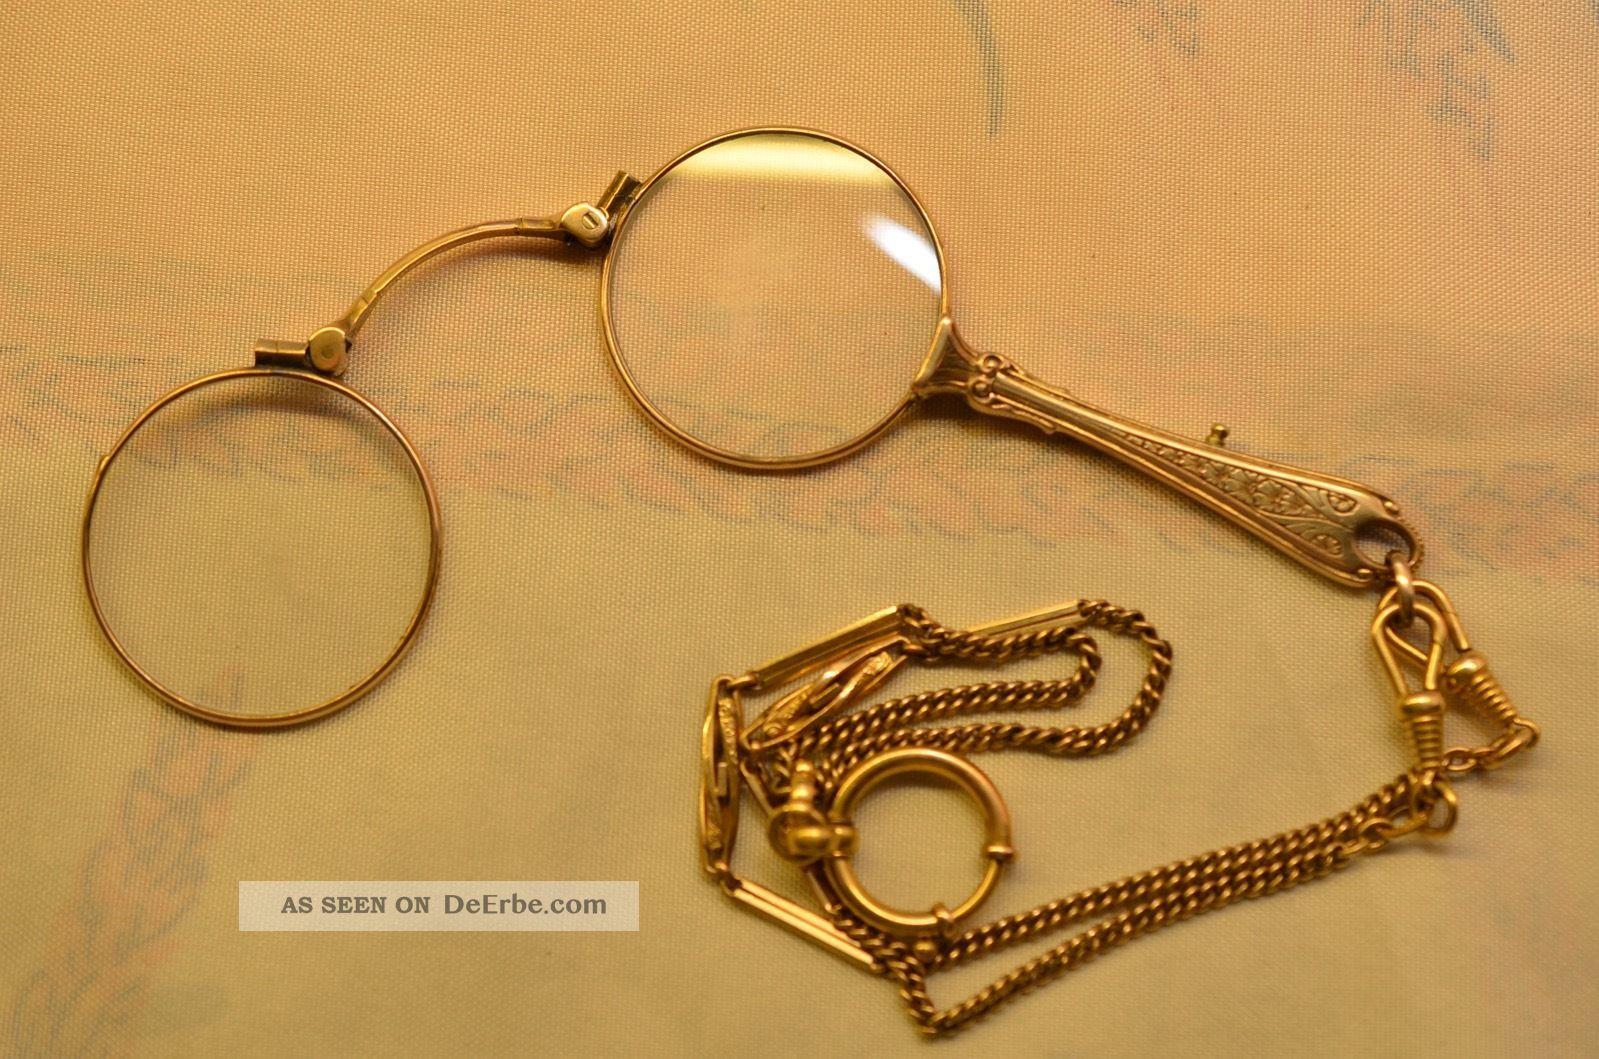 Altes Antikes Goldfarbenes Lorgnon Sehhilfe 1910/1920 Optiker Bild